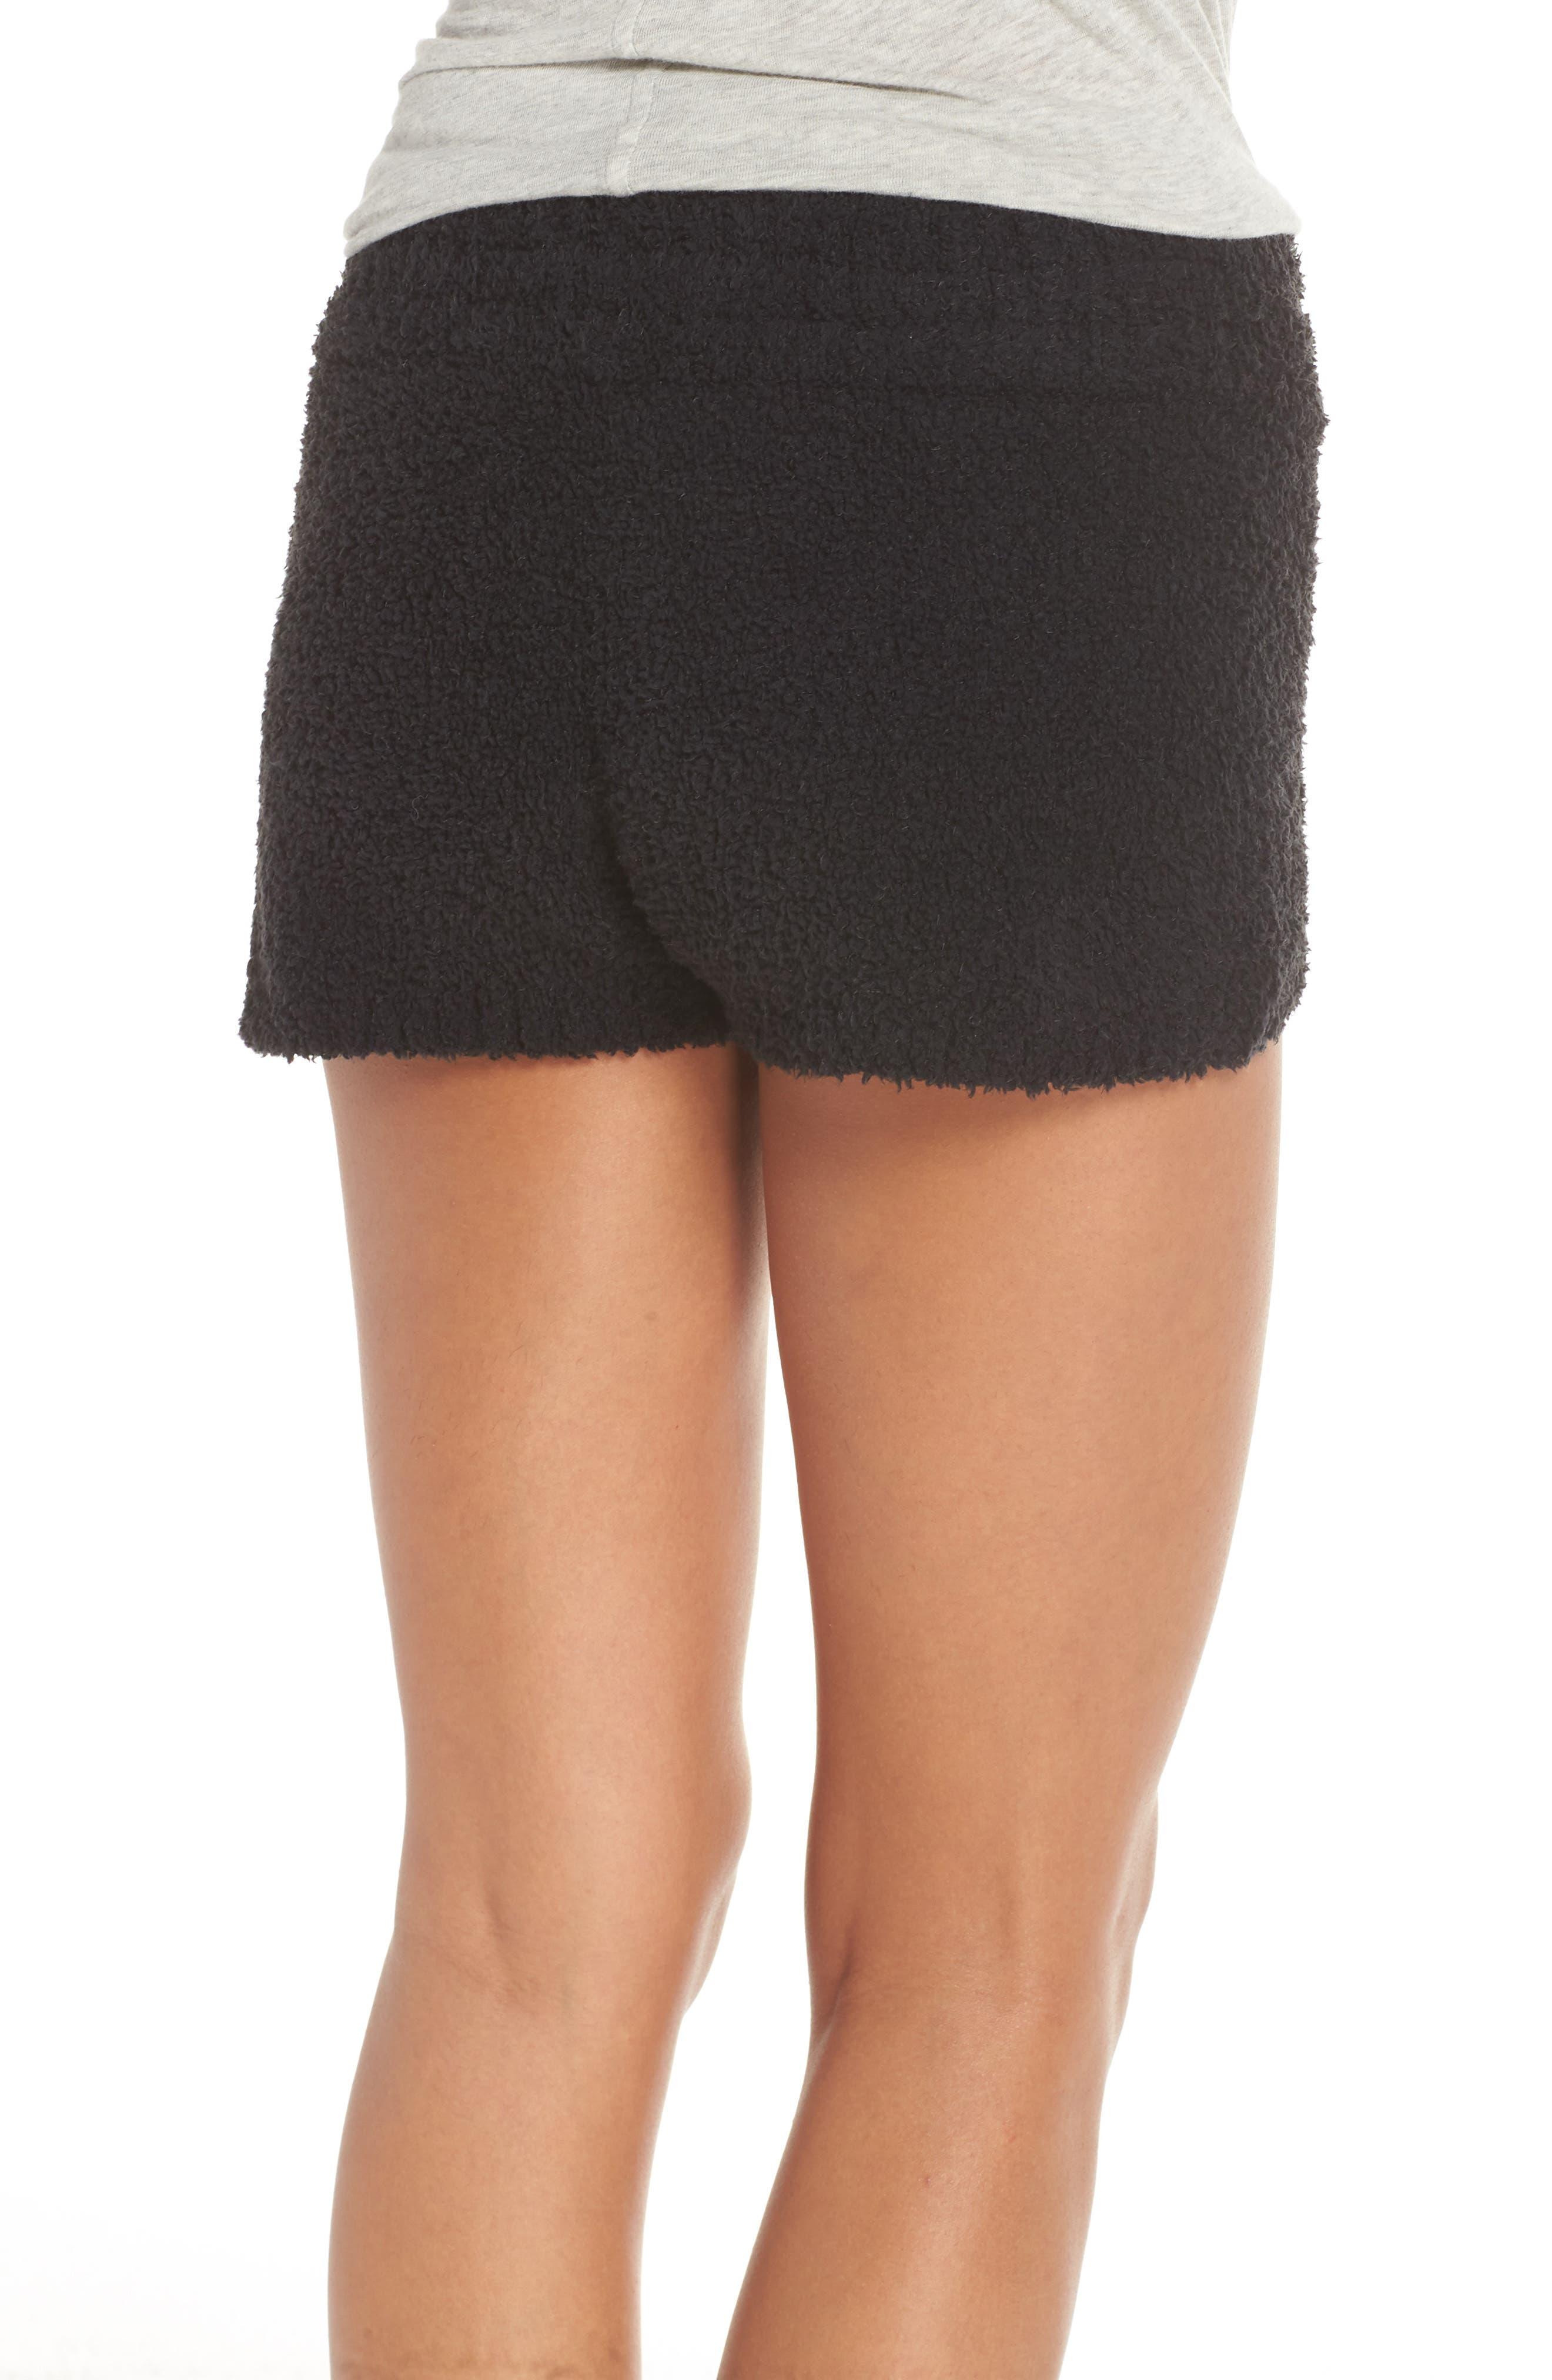 Shilo Shorts,                             Alternate thumbnail 2, color,                             BLACK